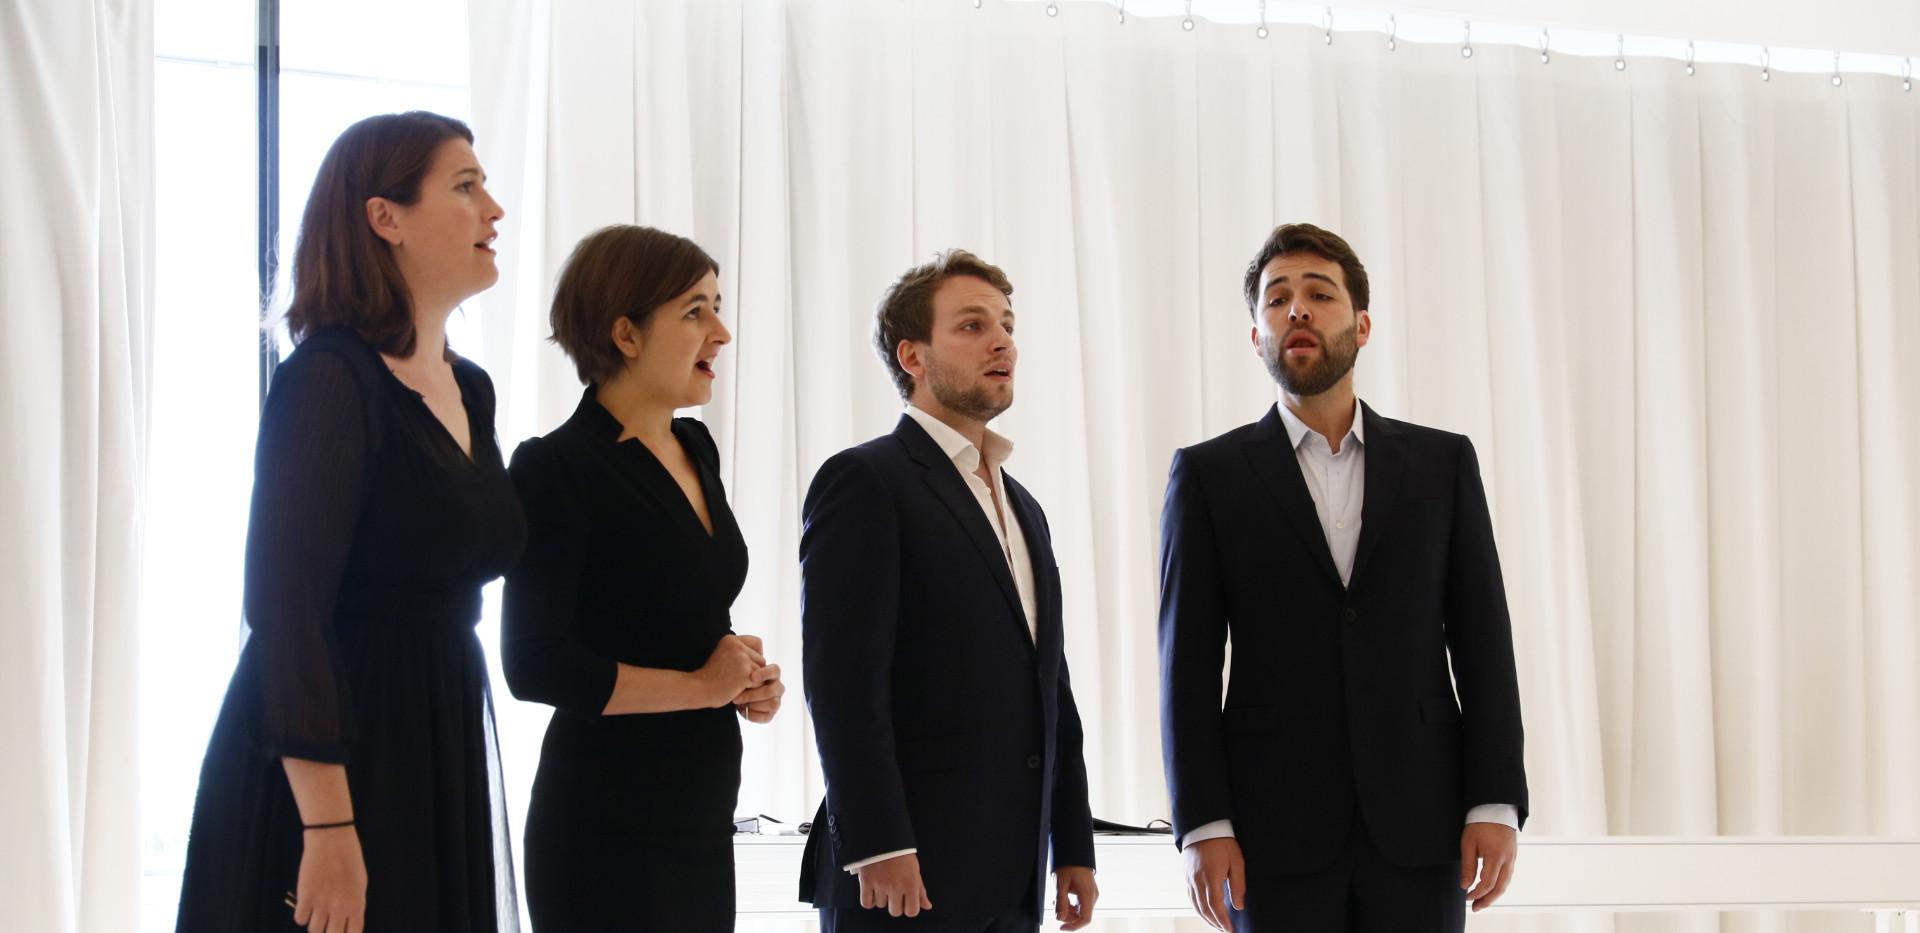 Concert Demo - Congrès Puteaux 20188